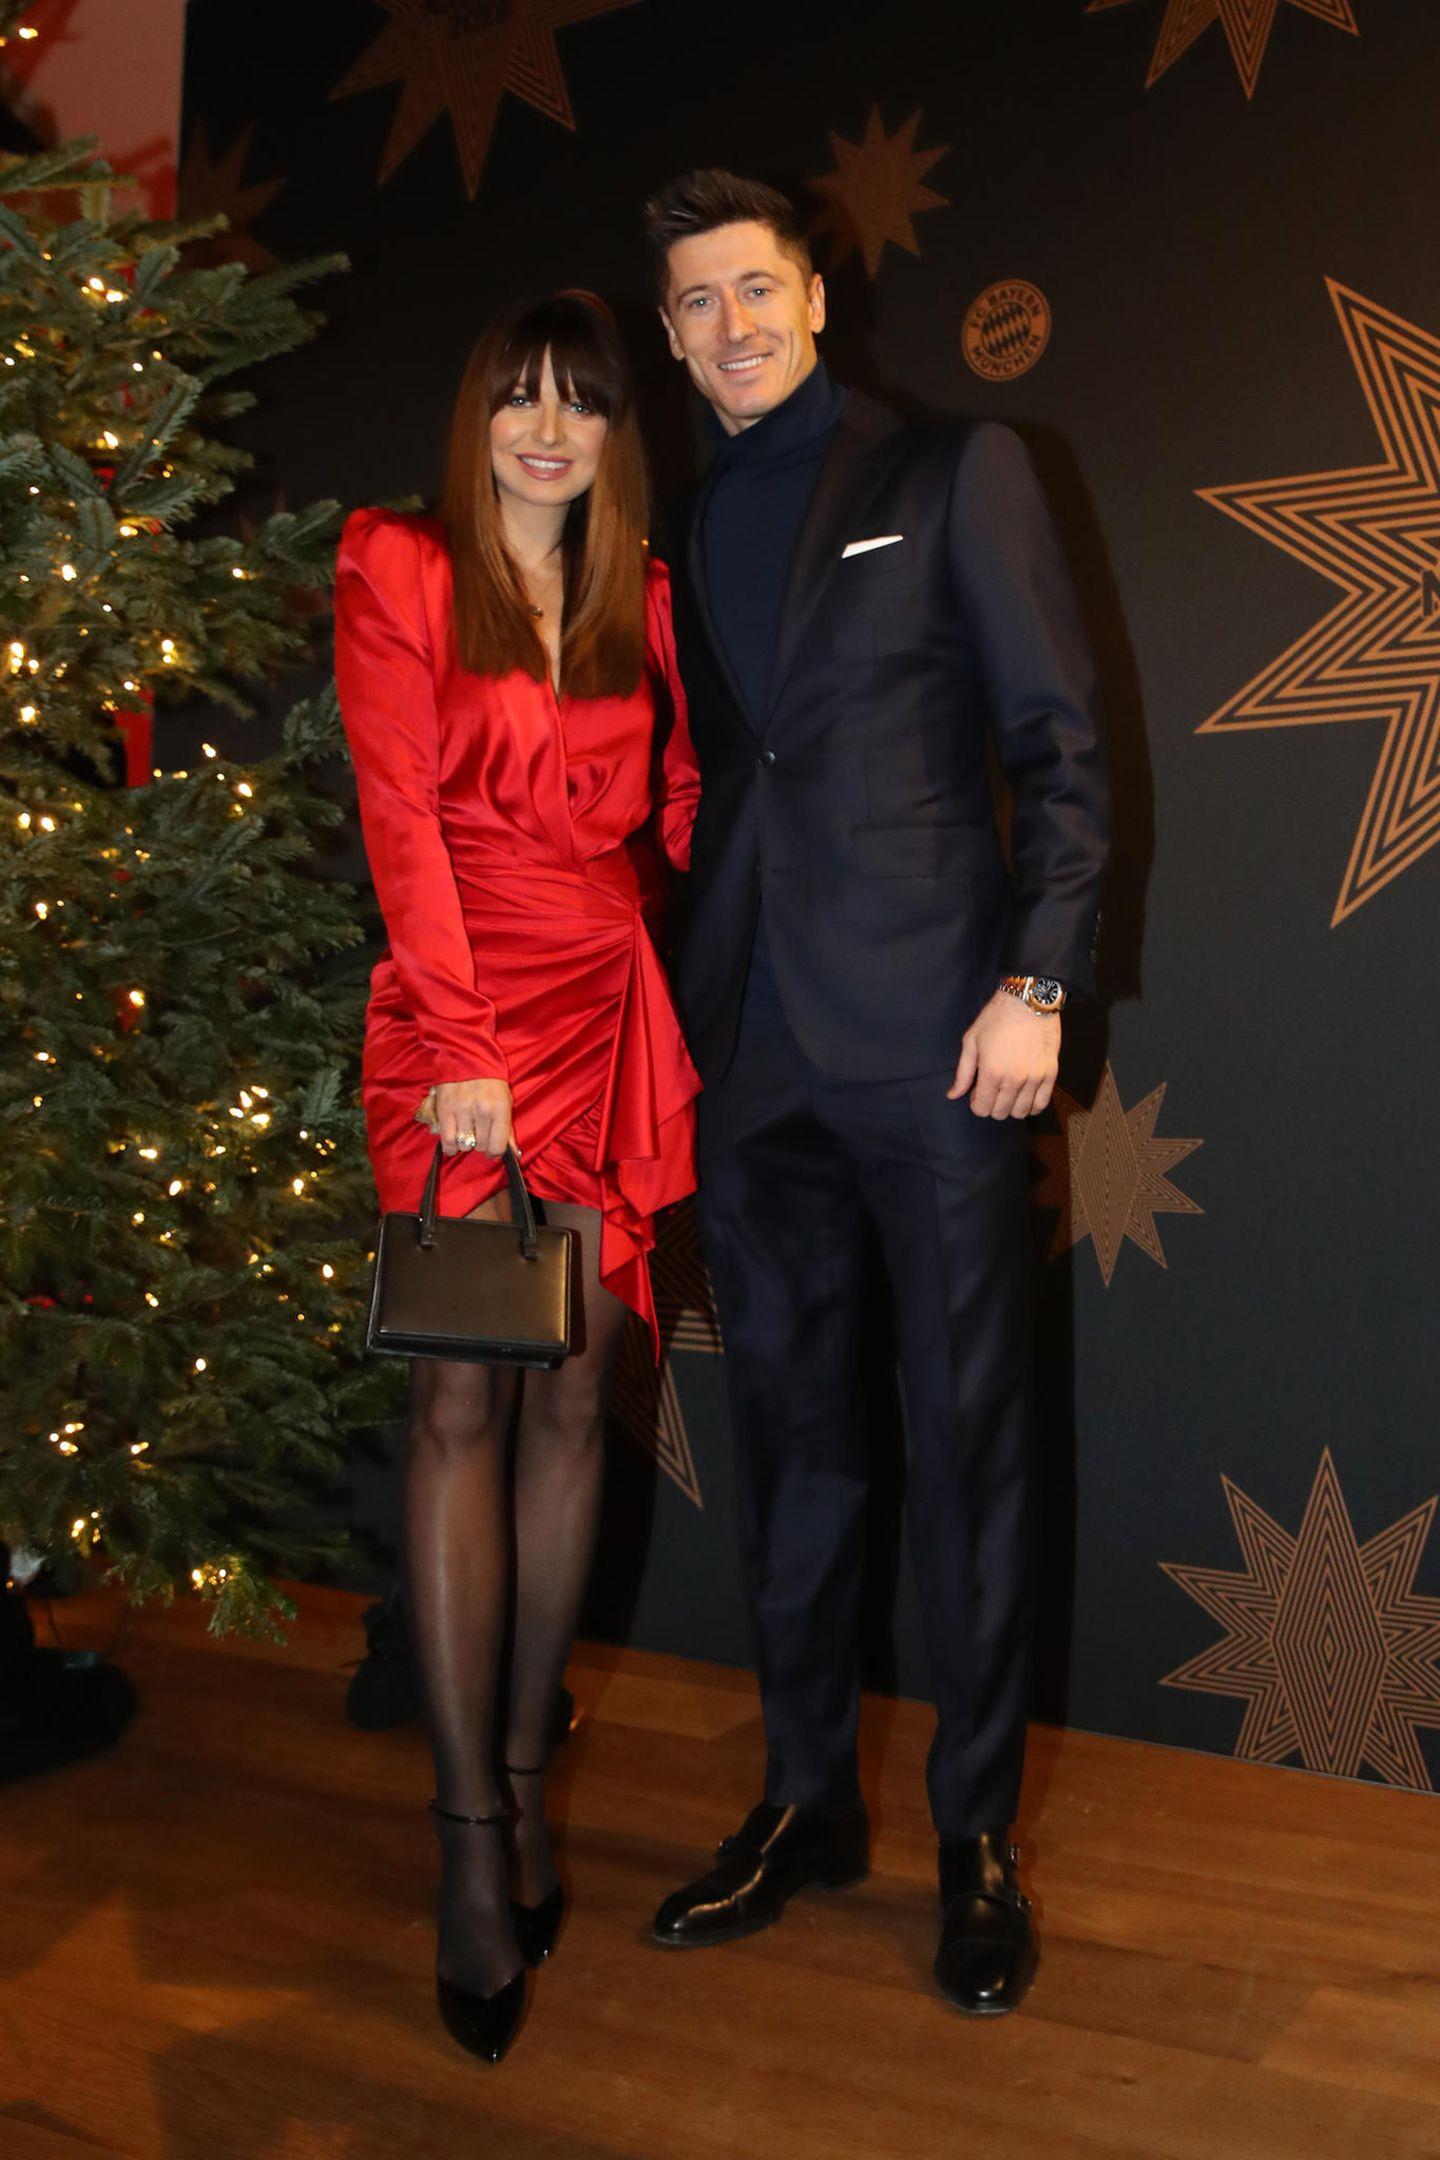 Die schwangere Anna Lewandowska begleitete ihren Gatten Robert Lewandowski zur Weihnachtsfeier des FC Bayern München. Sie trägt ein fließendes rotes Mini-Kleid, das in der Taille gewickelt wird. Robert setzt auf einen schmal geschnittenen Anzug.